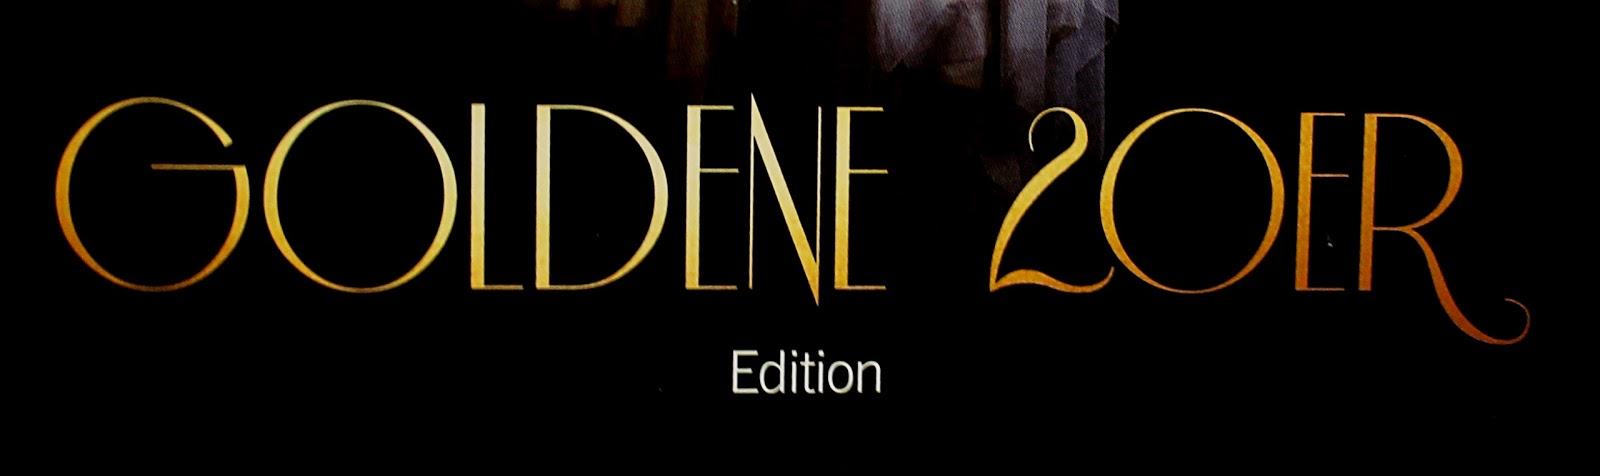 Goldene 20 Er